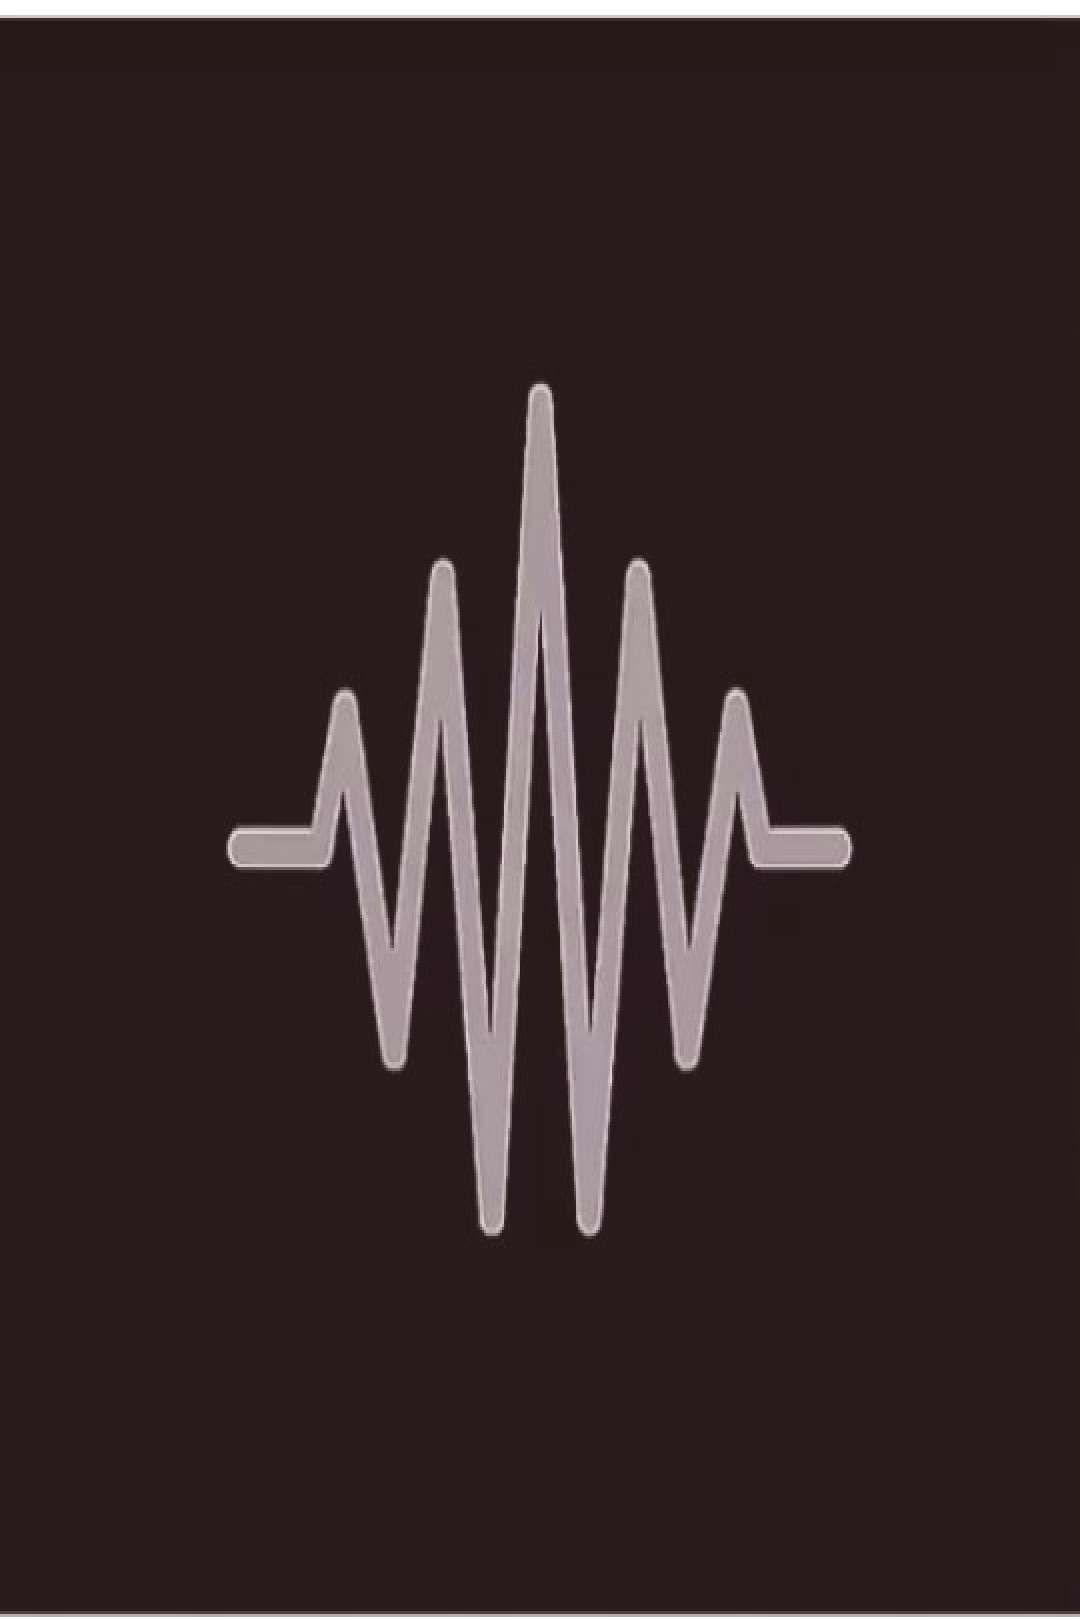 Trapmusic Beatmaker 808mafia Taybrey 2chainz Follow Prod By